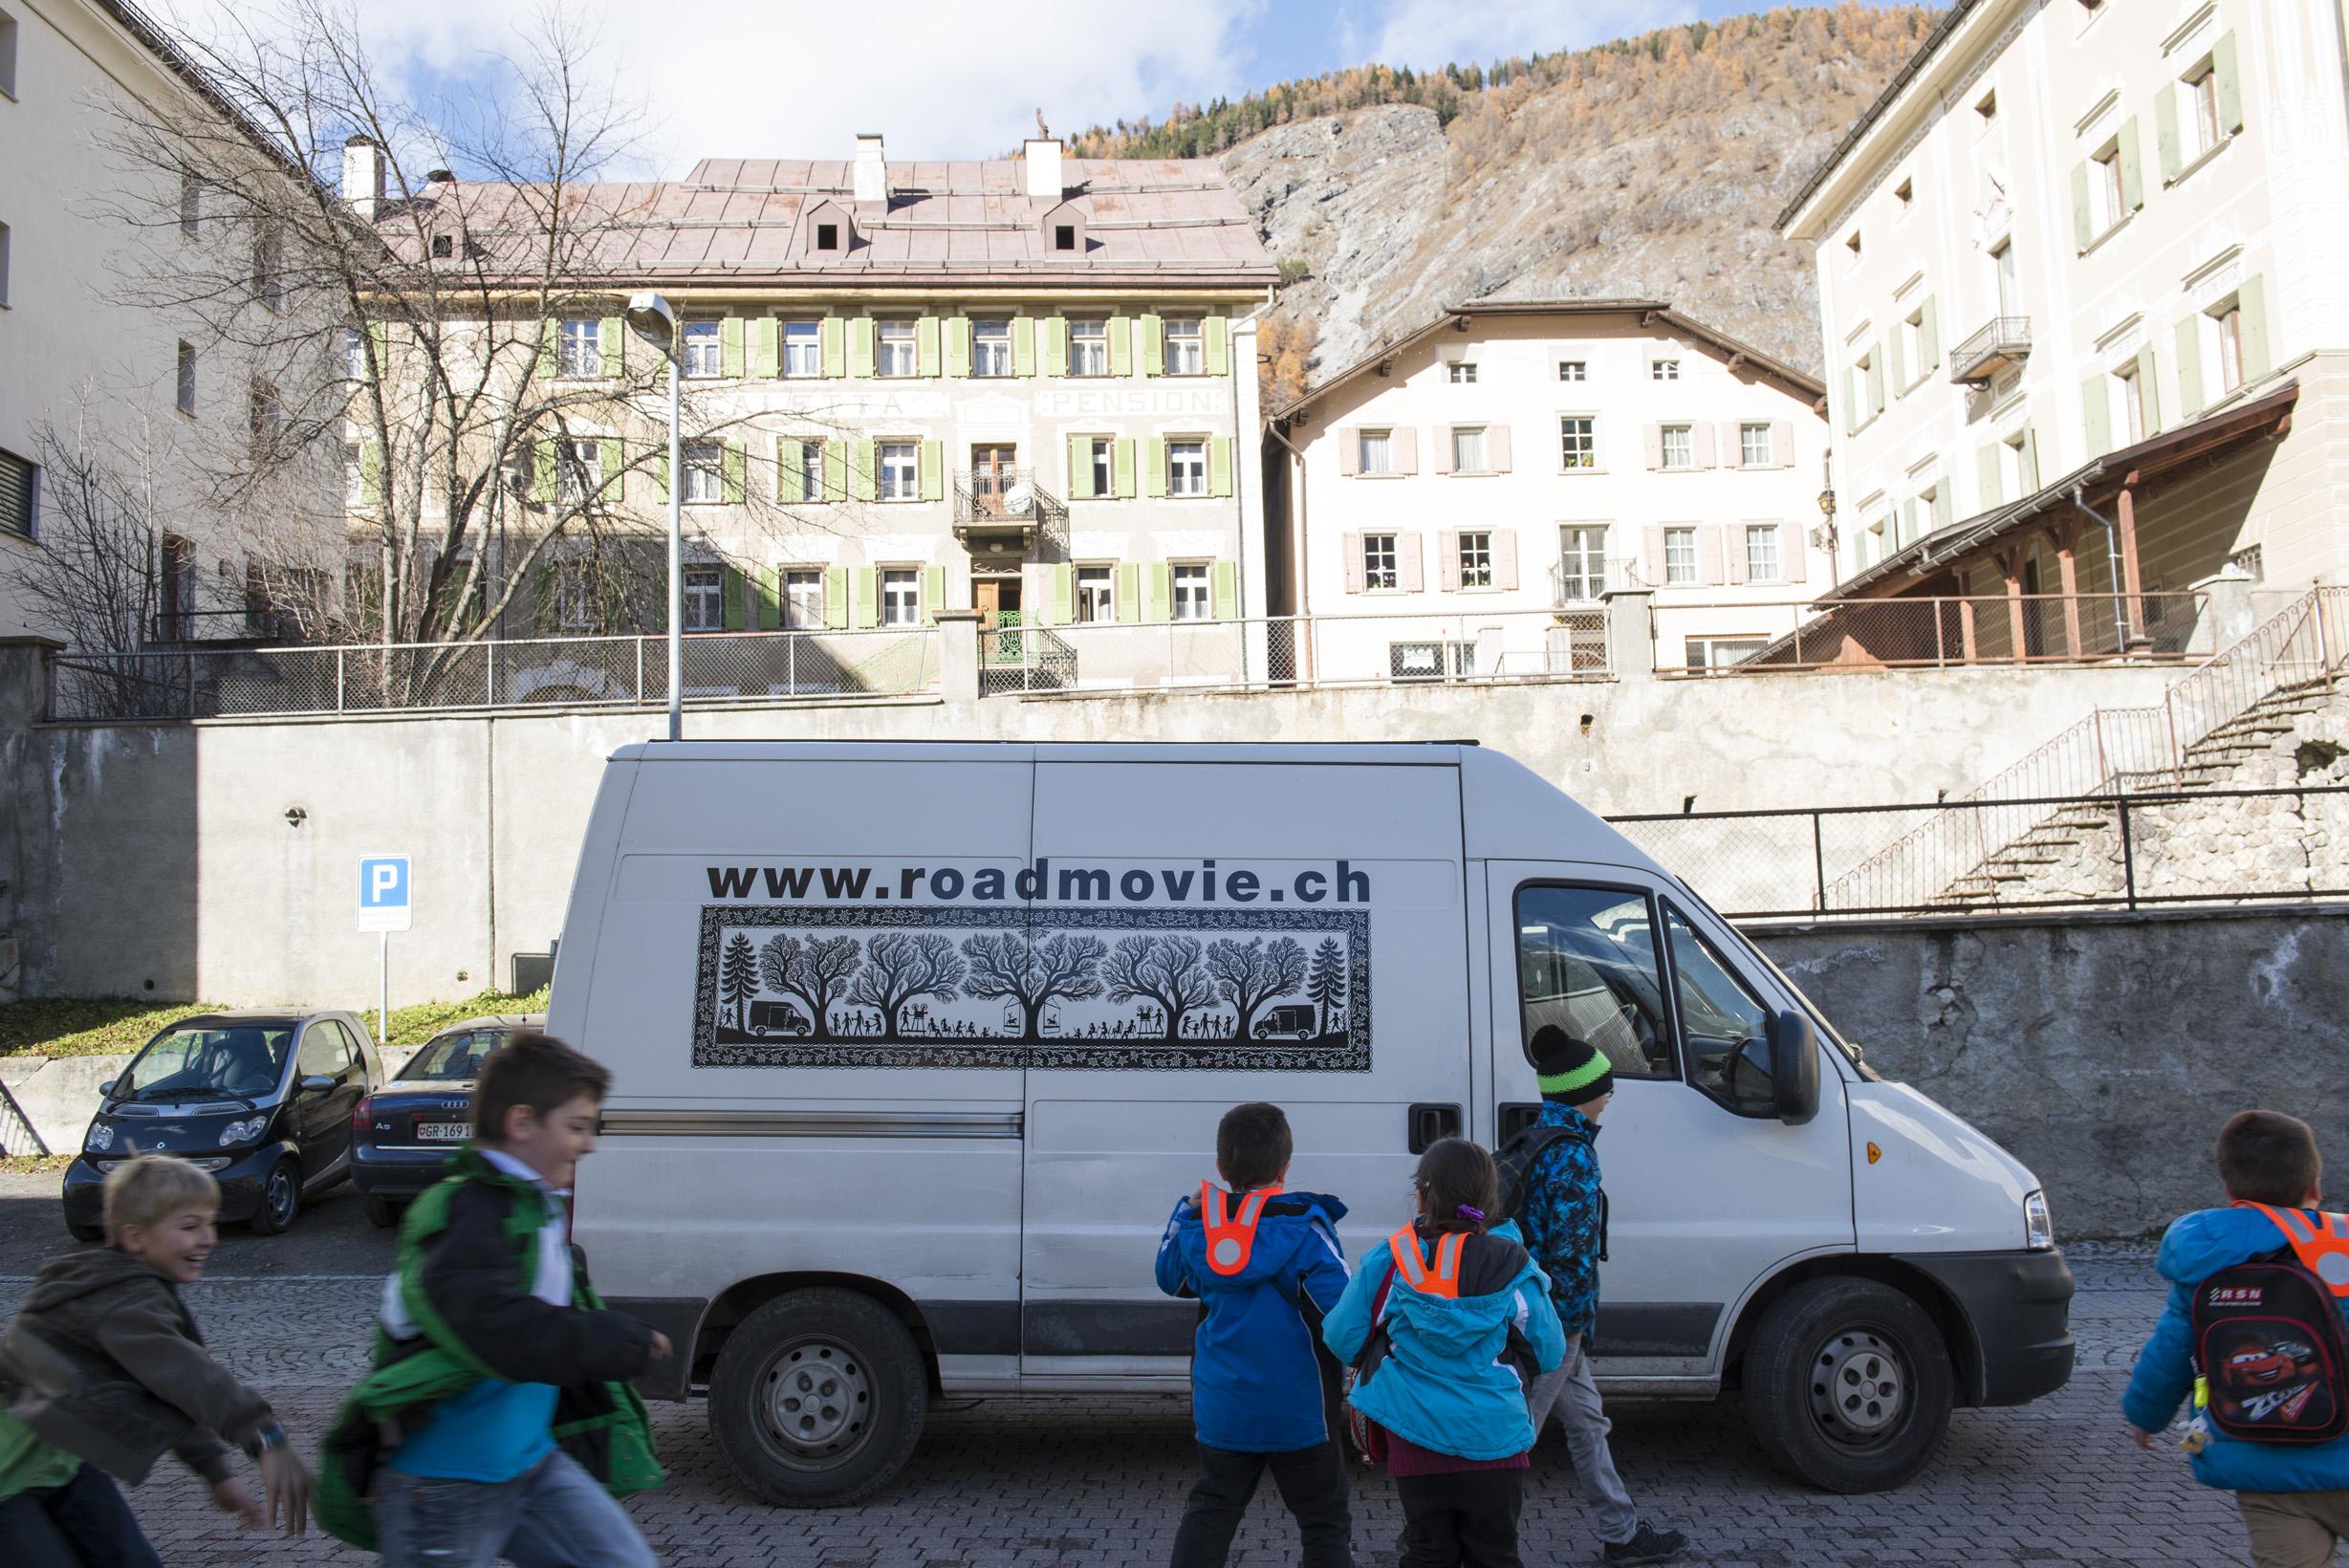 Roadmovie, das mobile Schweizer Kino, unterwegs durch die Schweiz